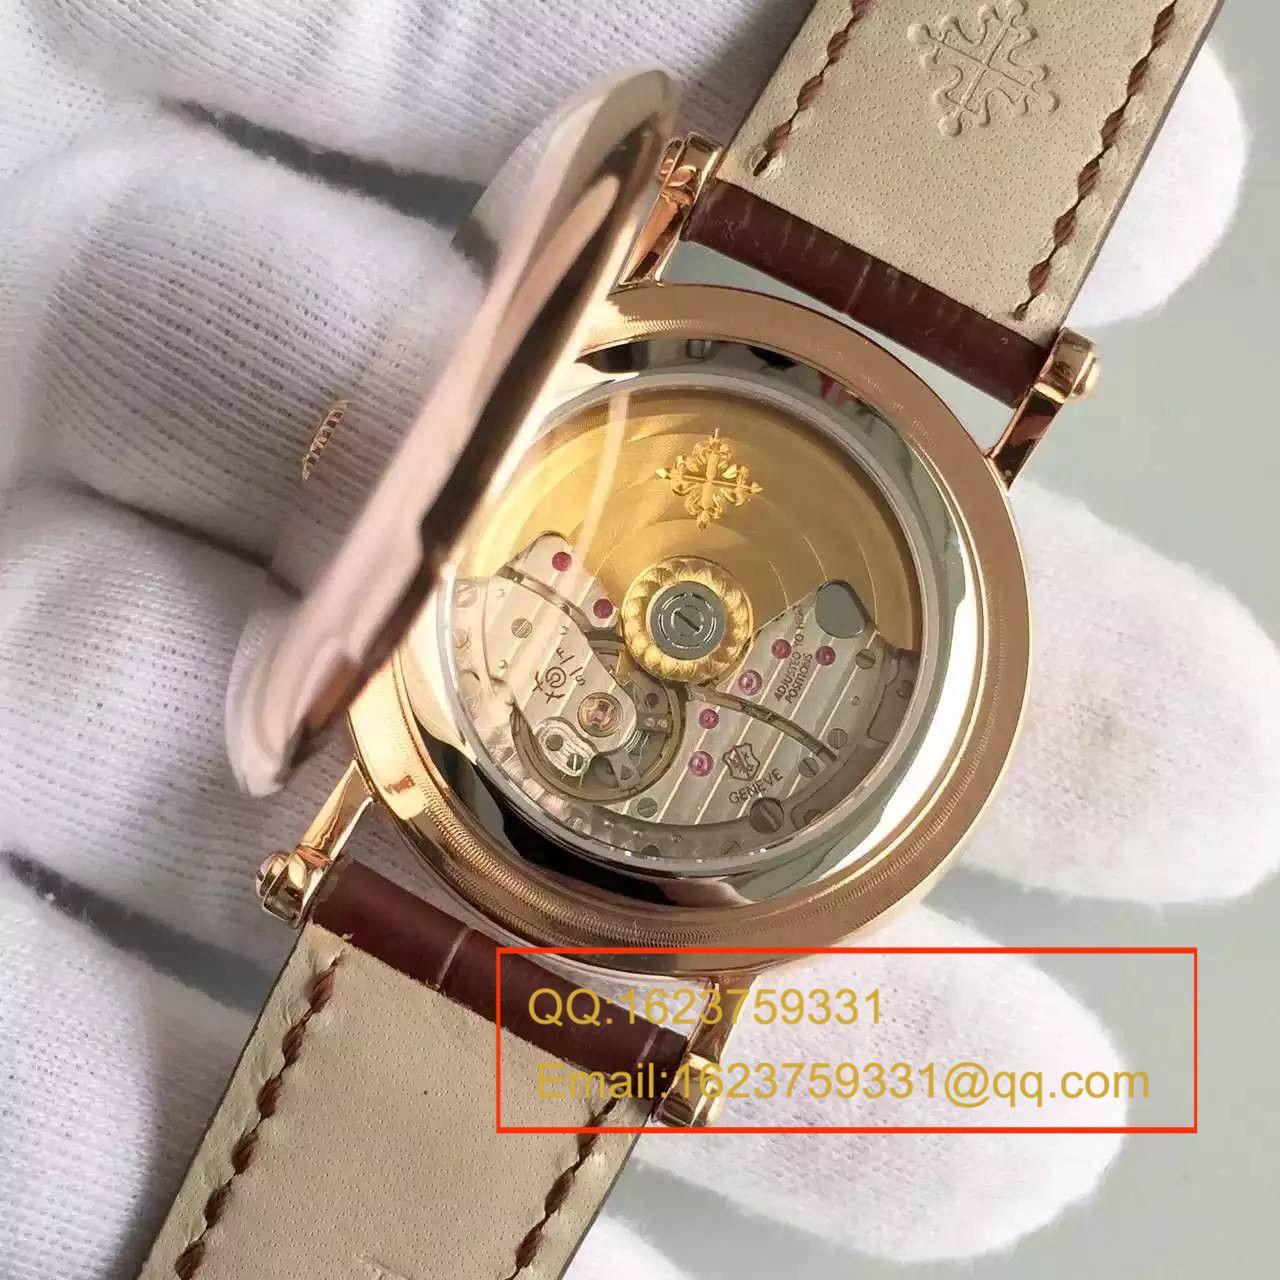 【HT1:1超A精仿】百达翡丽古典表系列5153R-001男士机械手表 / BD133